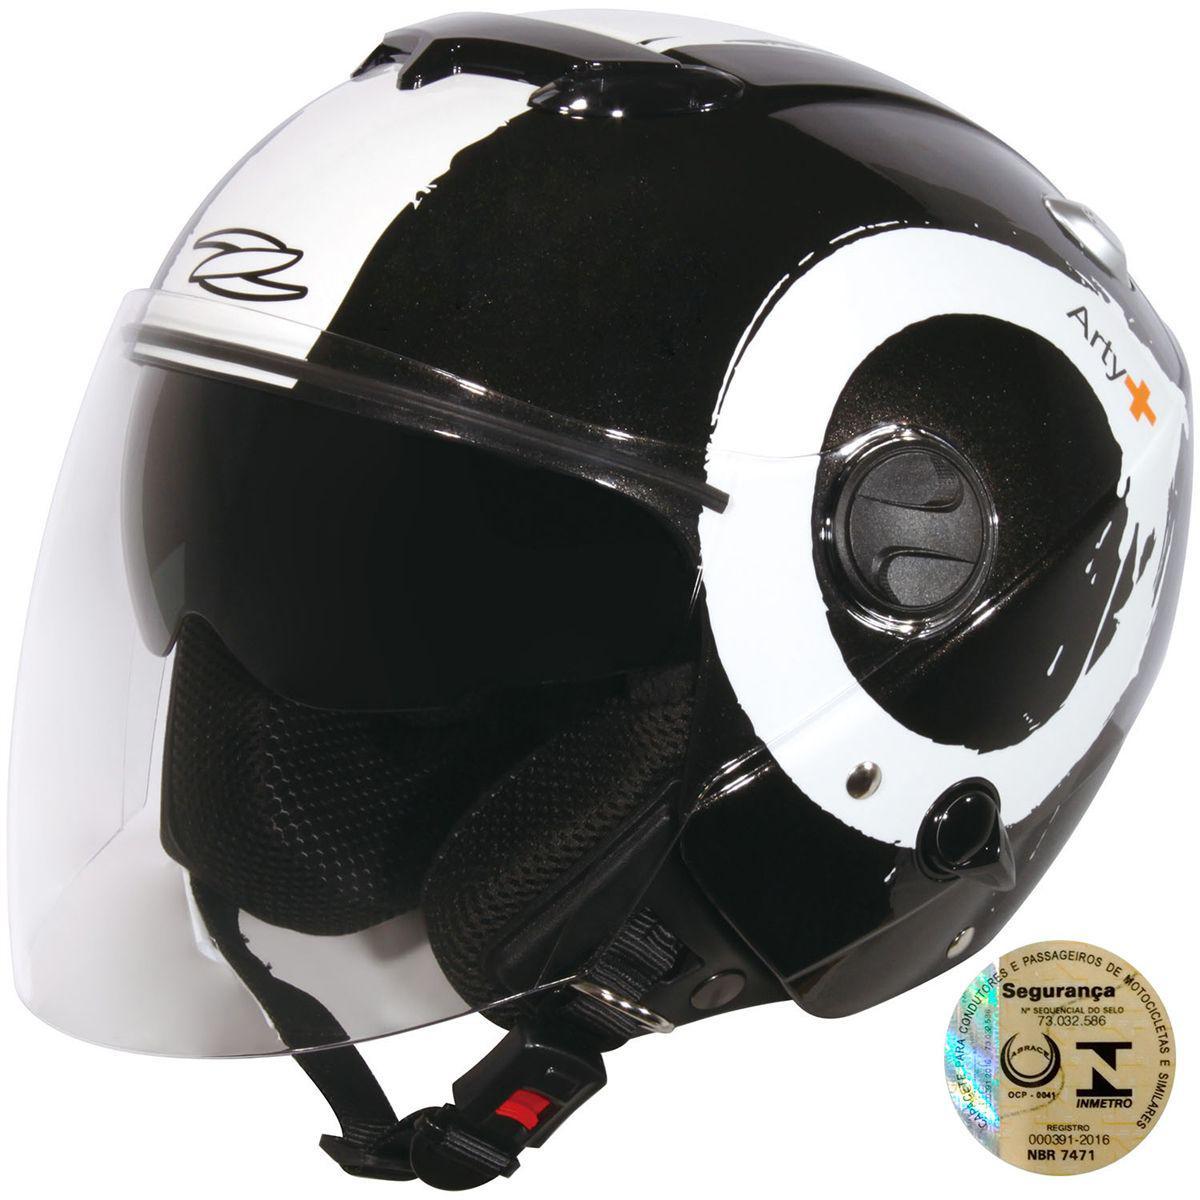 Capacete Aberto Com Viseira Solar 202Fb T40 Arty Zeus Produto não disponível 8ed28fee2c2